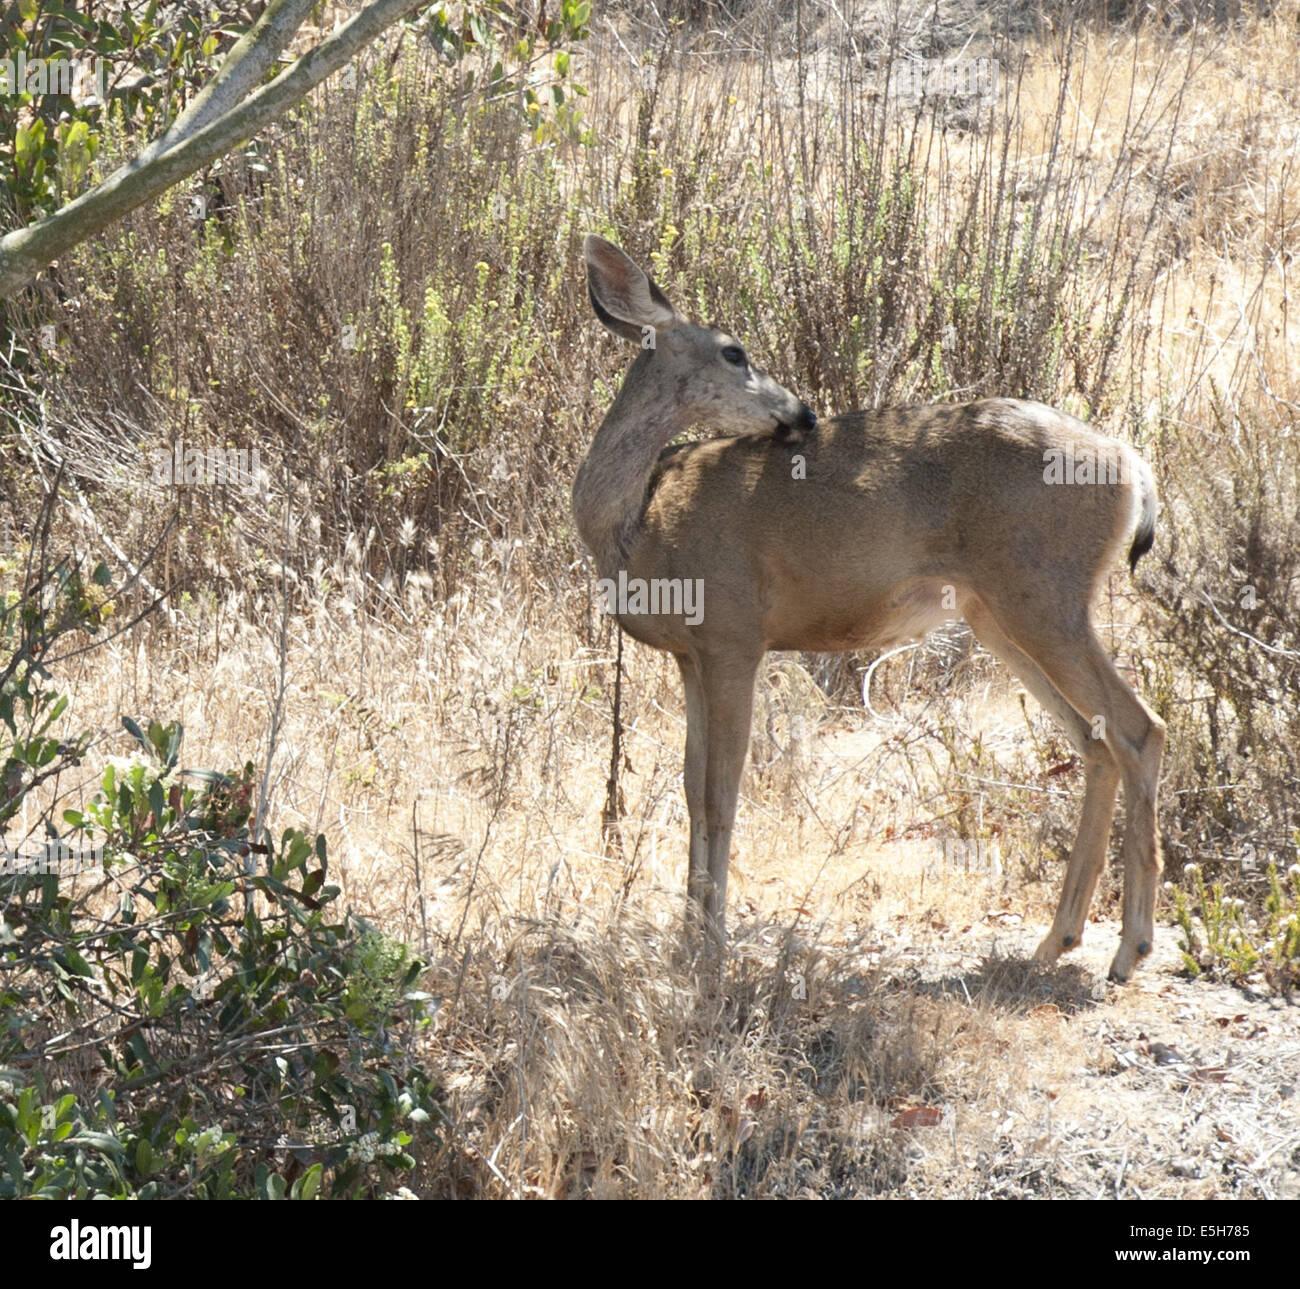 Laguna Beach, California, USA. El 17 de julio, 2013. El California Venado Bura es común en Norhern, Central y la Pradera Costera de California, alimentándose de arbustos, hierbas y bayas. El Venado Bura de California se distingue por sus grandes y largas como las orejas de mula y normalmente se puede encontrar cerca de fuentes de agua como ríos, arroyos, lagos y estanques.----Odocoileus hemionus californicus --- En la foto, un par de ciervos mula podría ser visto trabajando su camino a lo largo de la ladera de una colina en el Moro Creek en Crystal Cove State Beach, en el condado de Orange. © David H./Zuma alambre/Alamy Live News Foto de stock